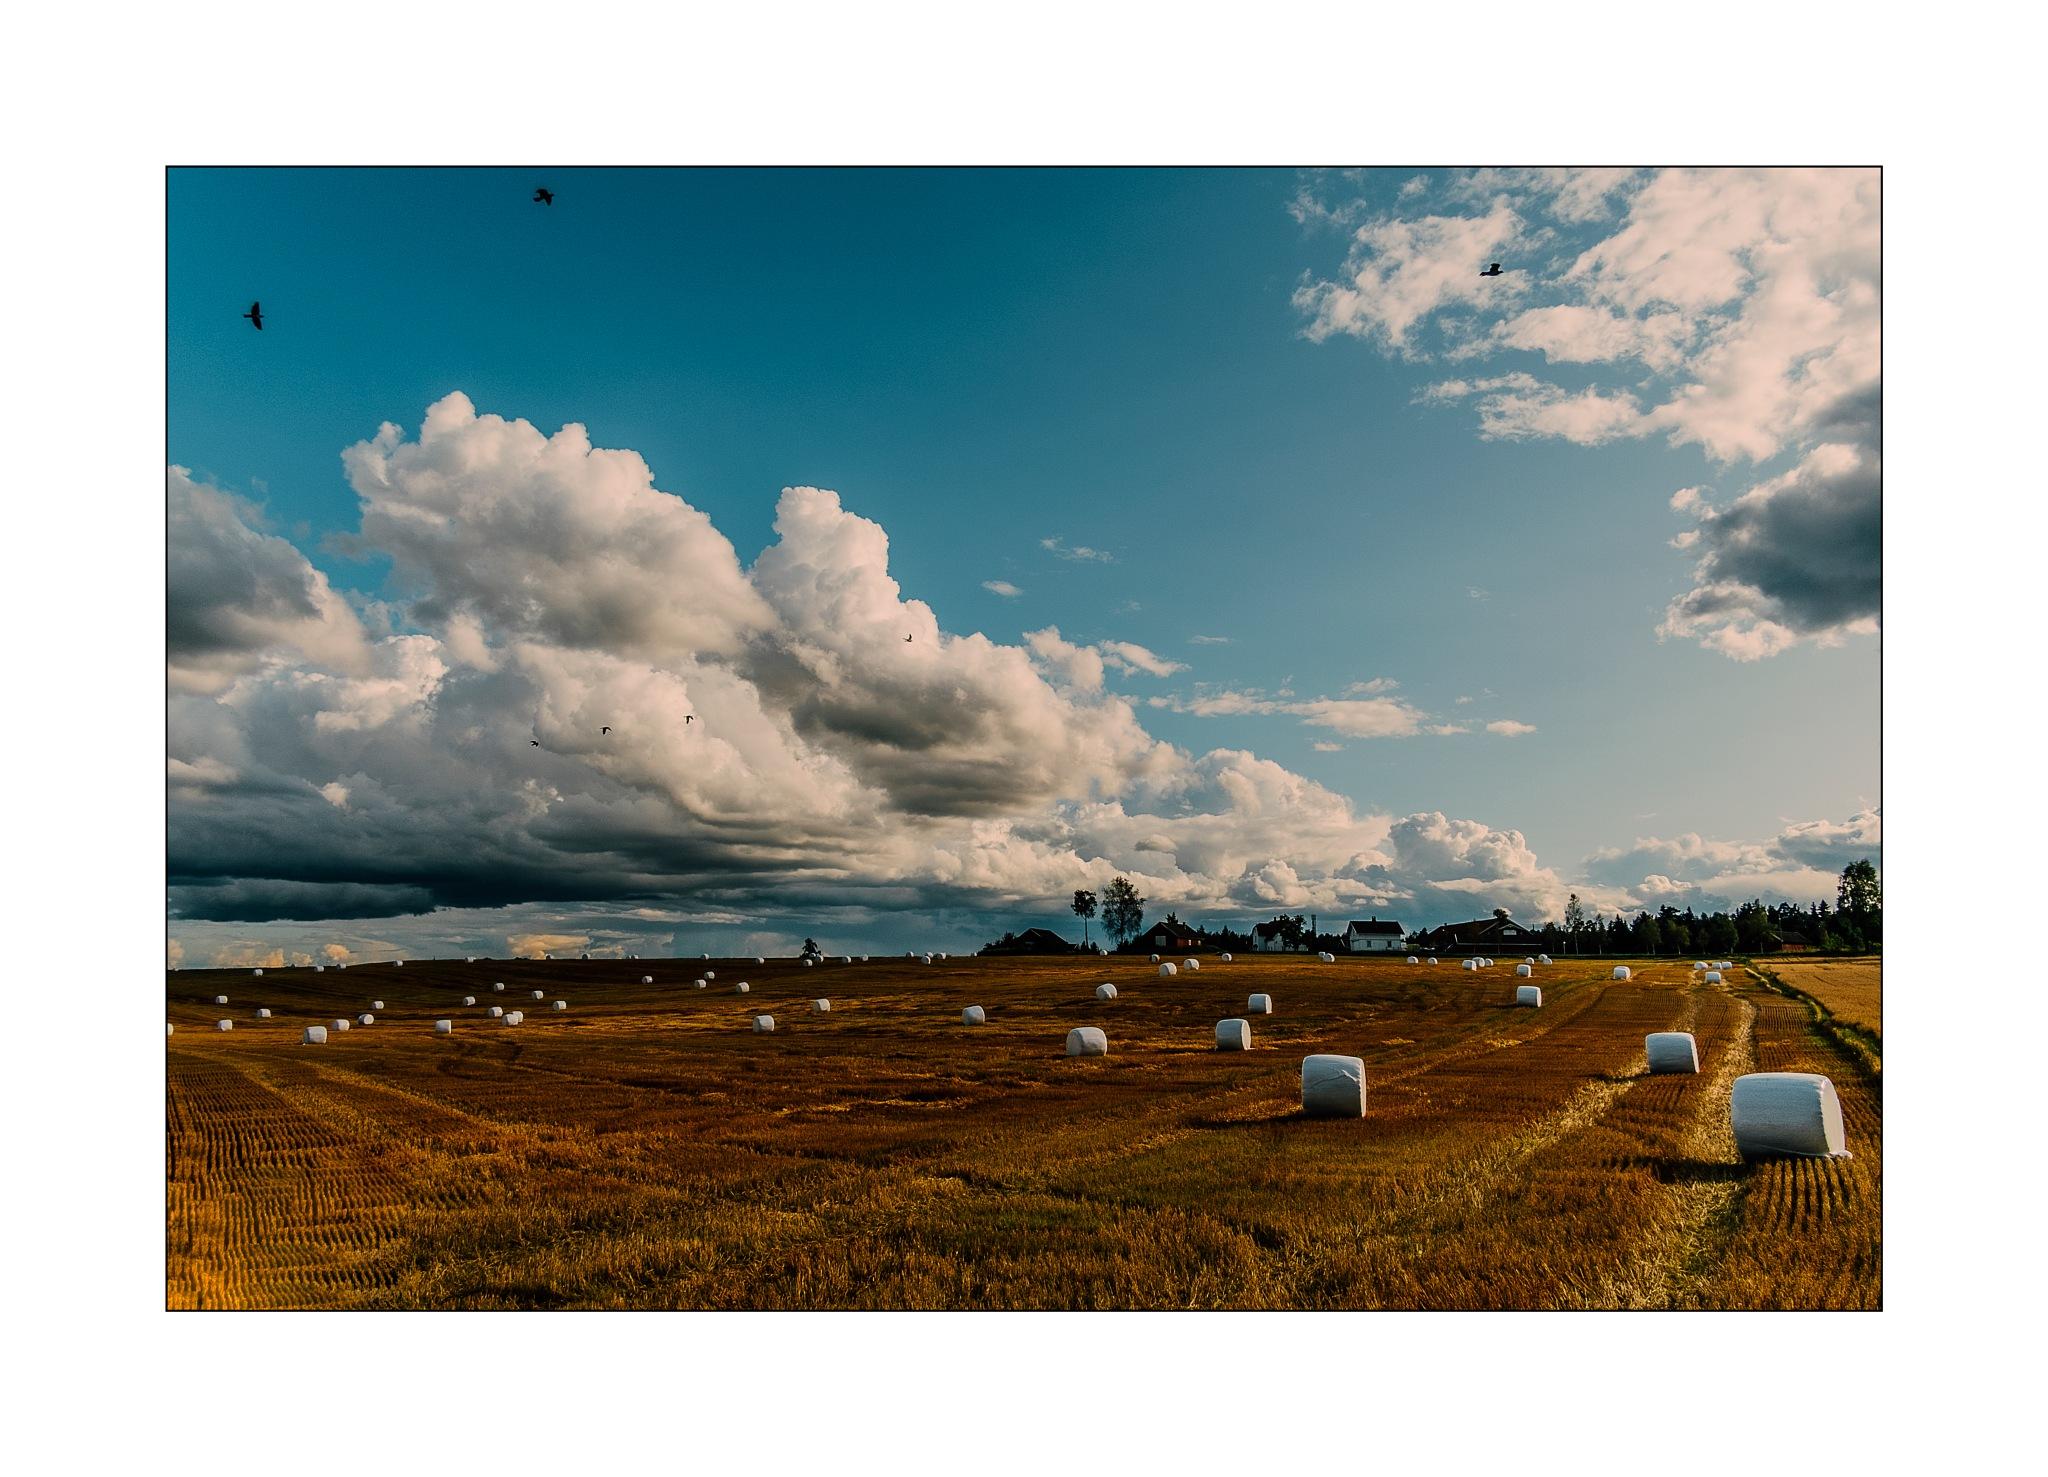 GOLDEN HARVEST IN THE NORTH by Goran Jorganovich